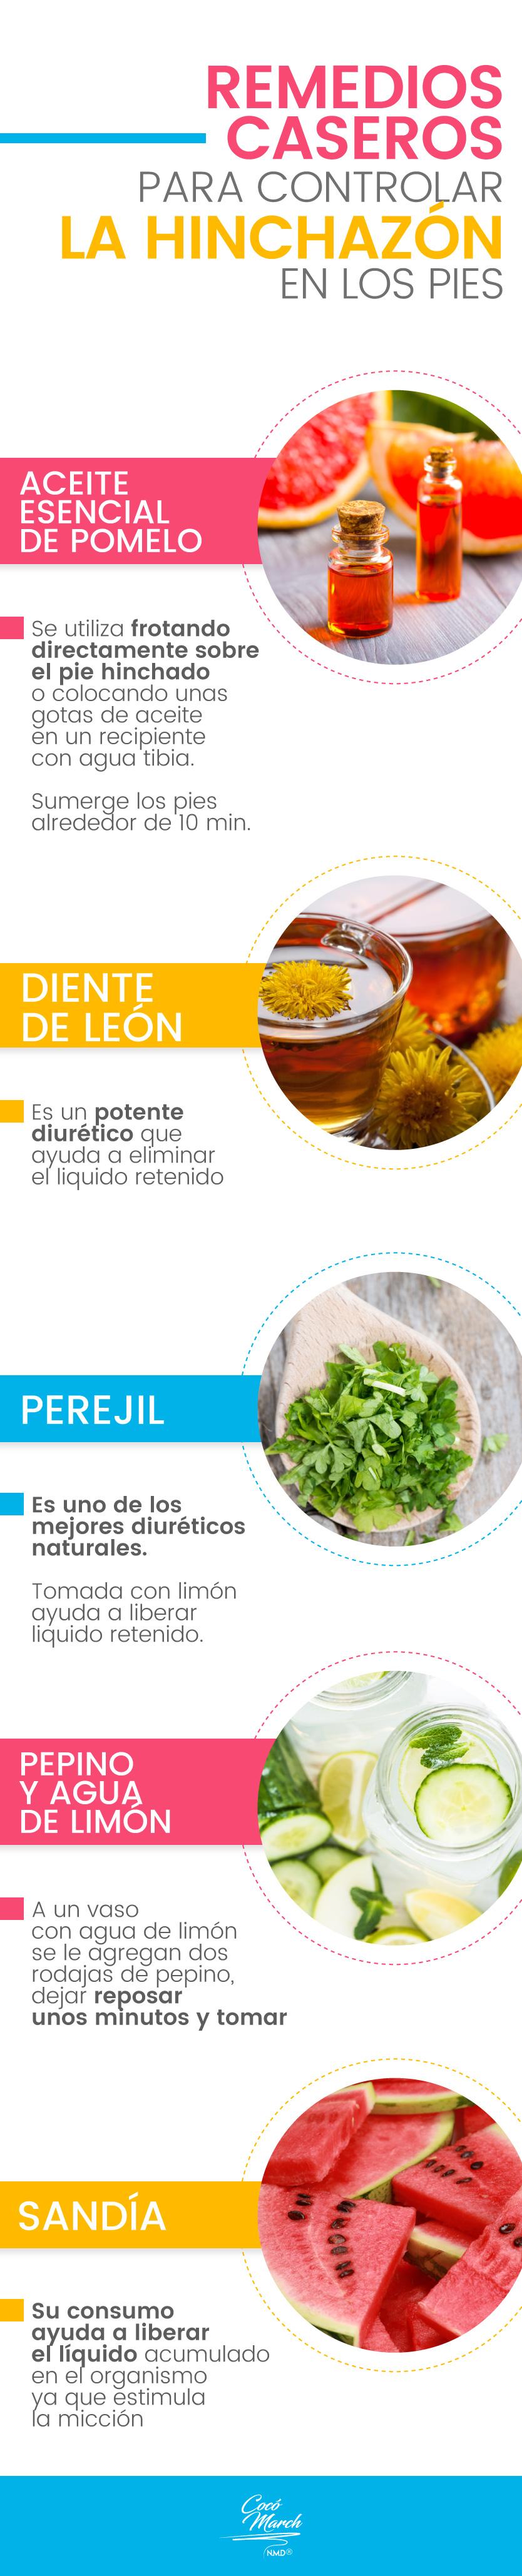 remedios-naturales-para-la-hinchazon-de-los-pies